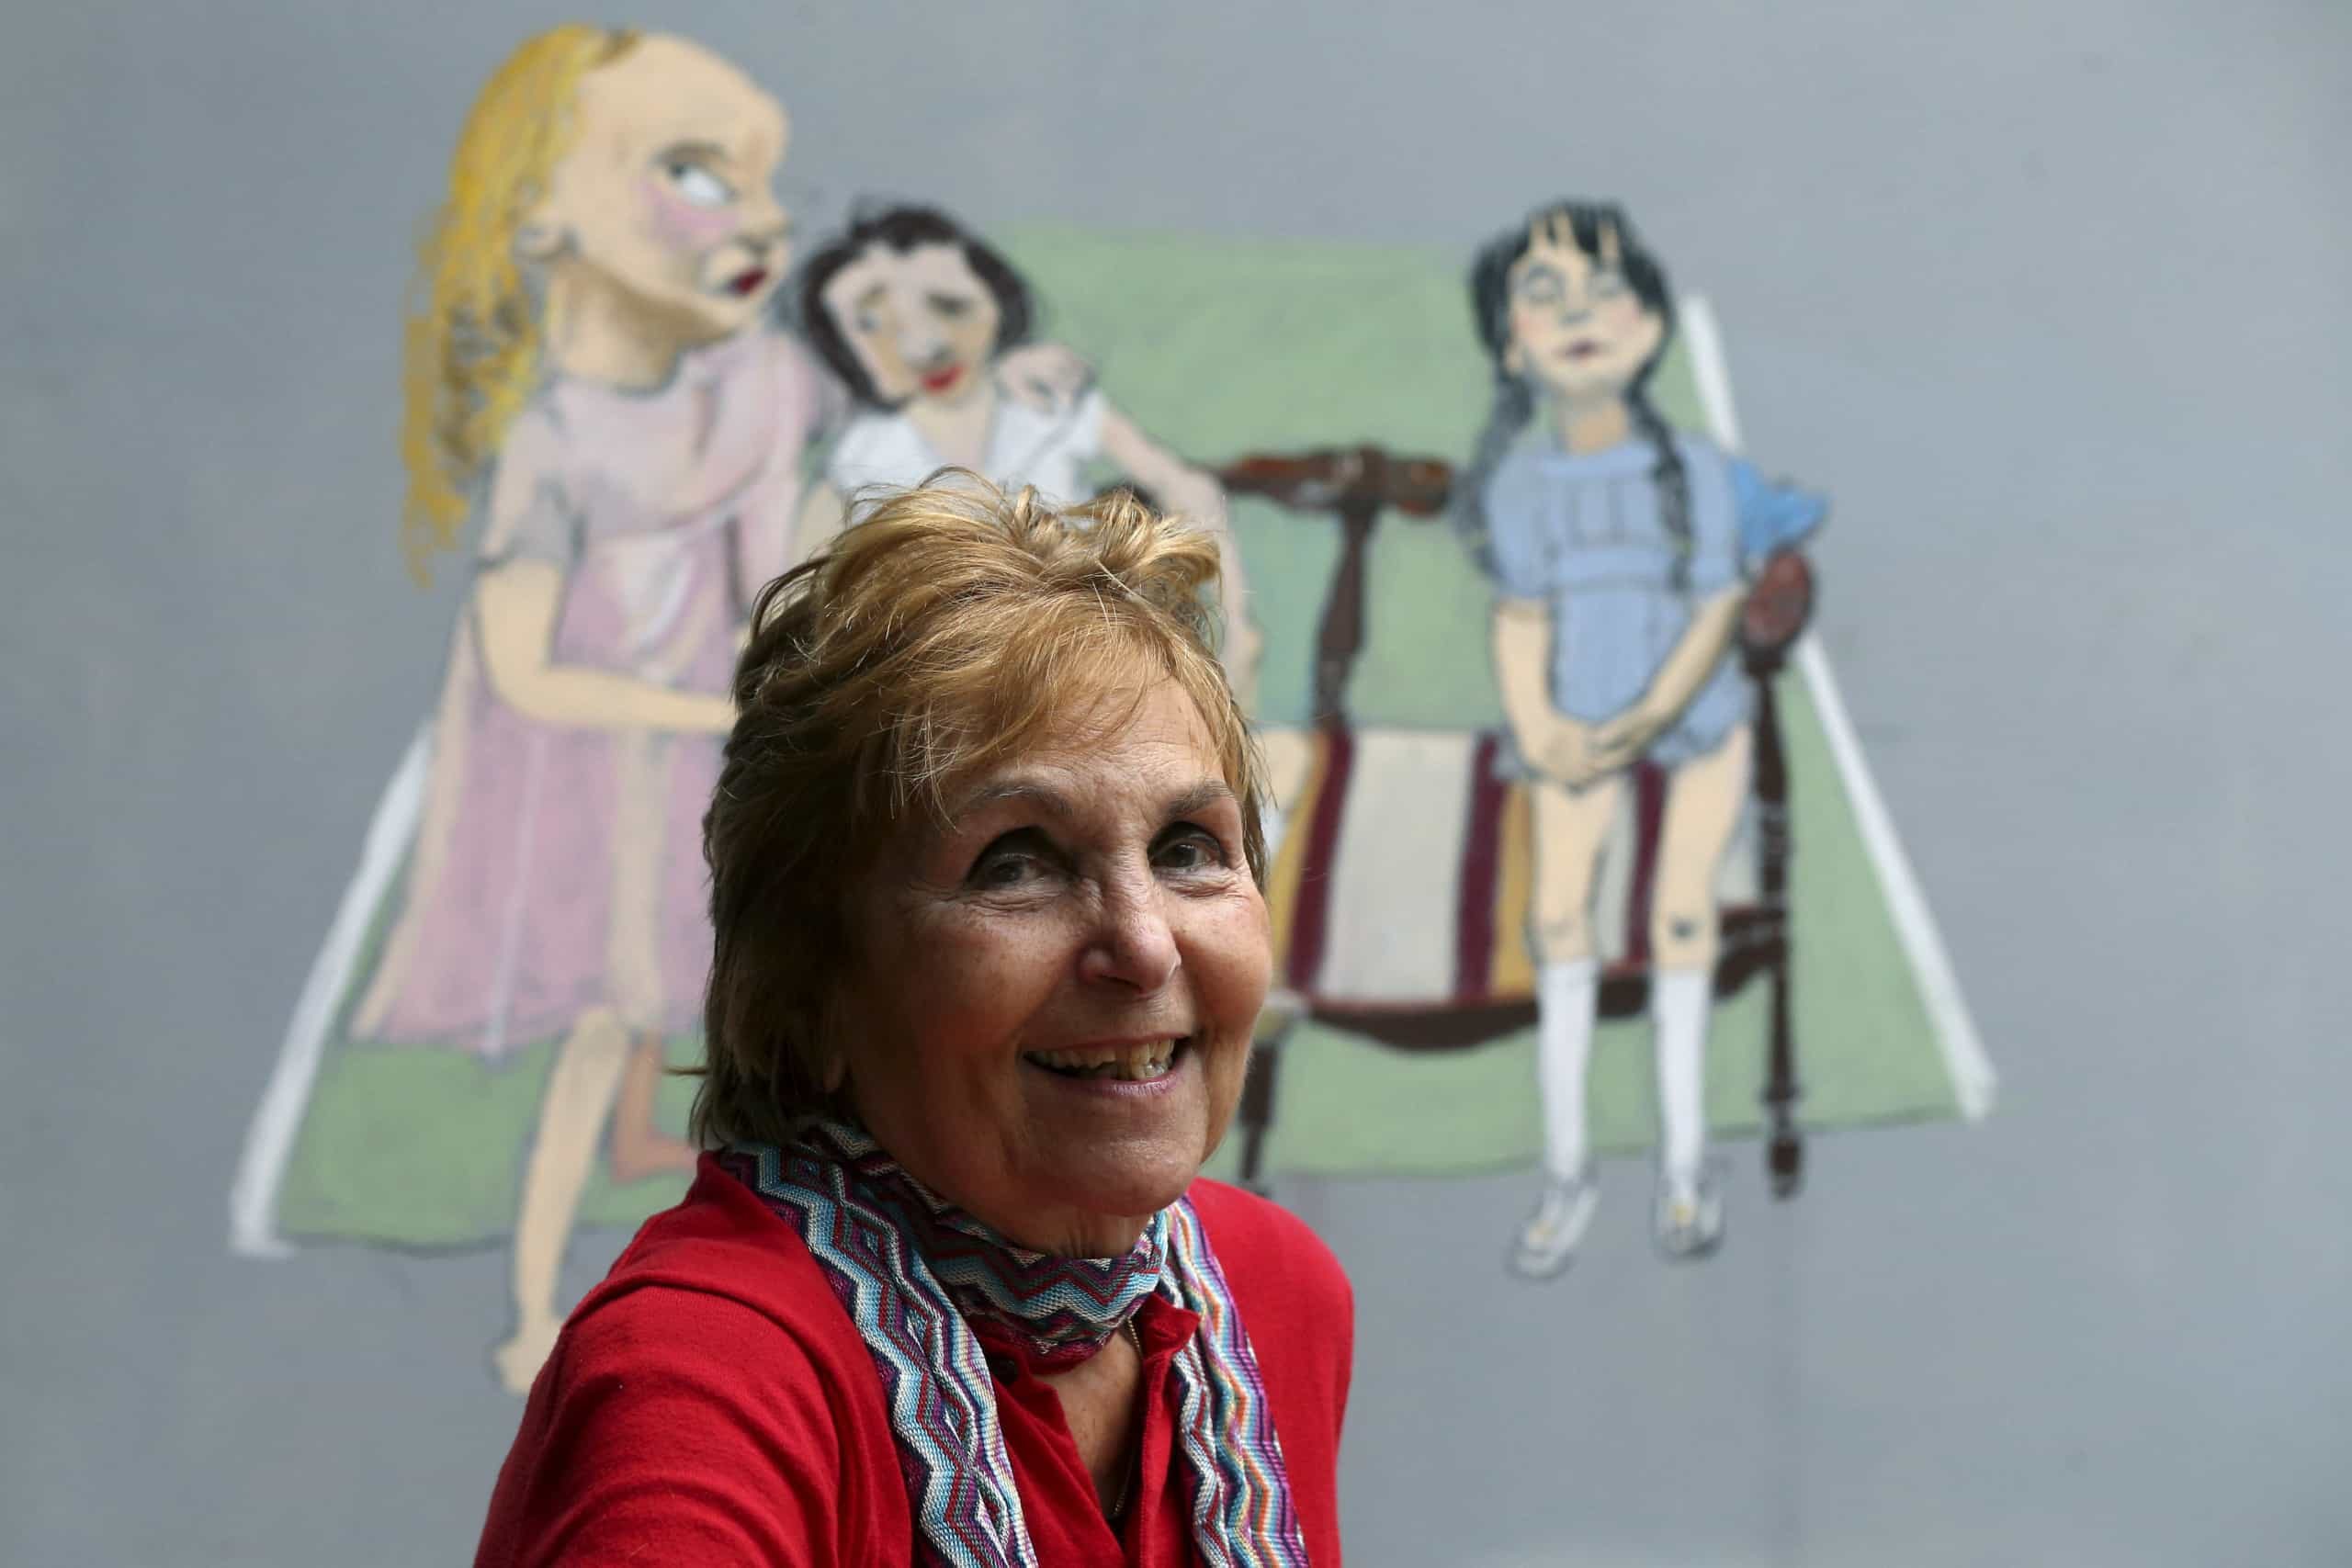 Exposição retrospetiva da obra de Paula Rego em novo museu inglês